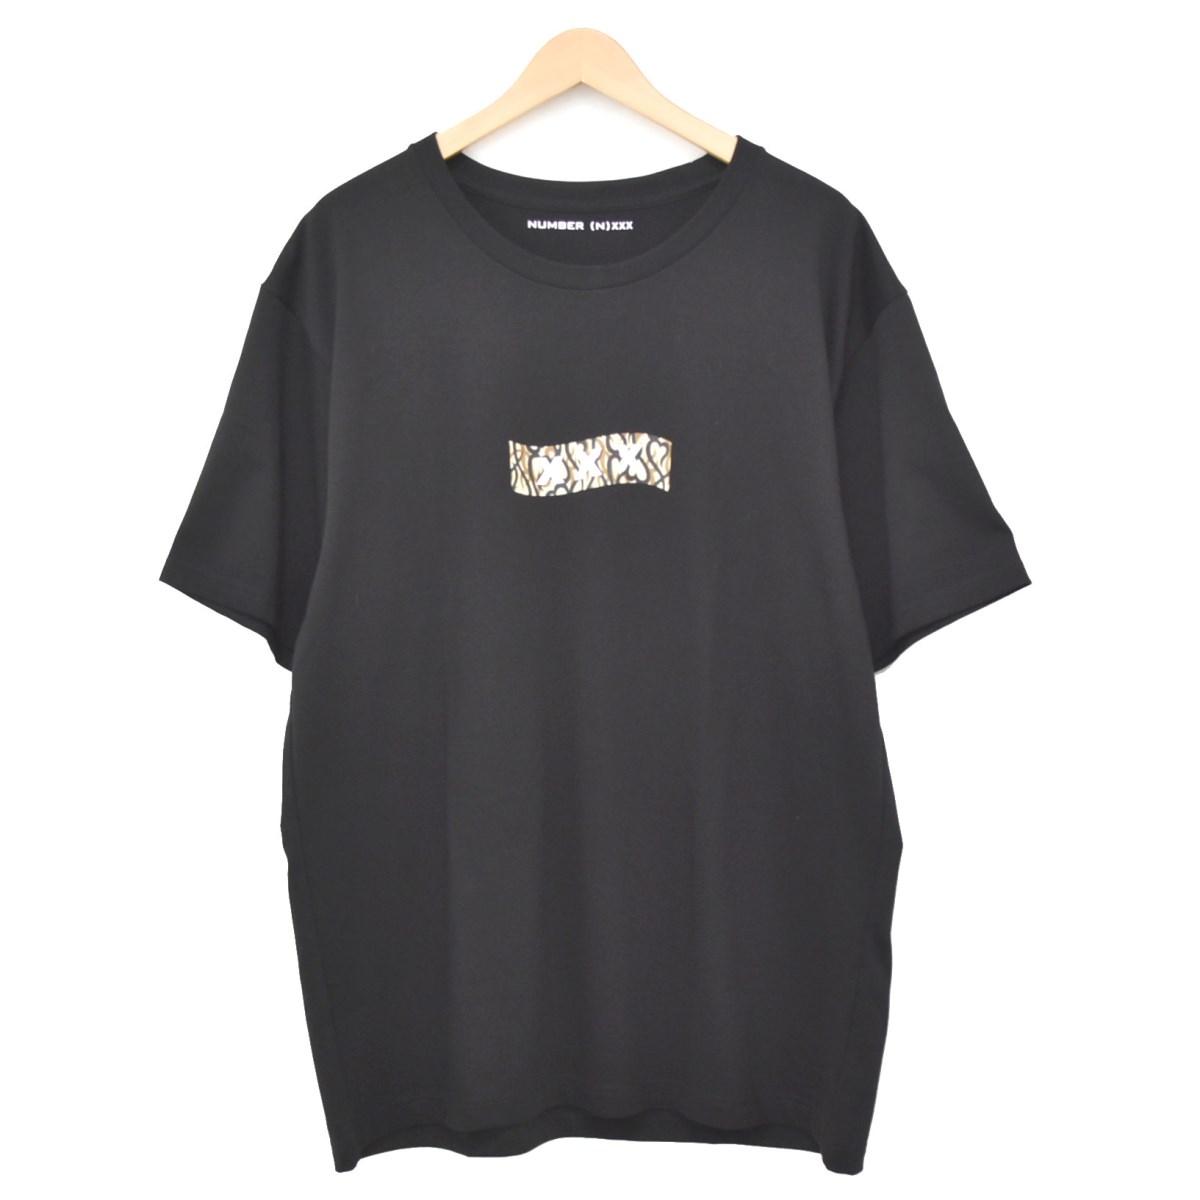 【中古】NUMBER (N)INE×GOD SELECTION XXX グラフィックプリントTシャツ ブラック サイズ:L 【140520】(ナンバーナイン ゴッドセレクショントリプルエックス)